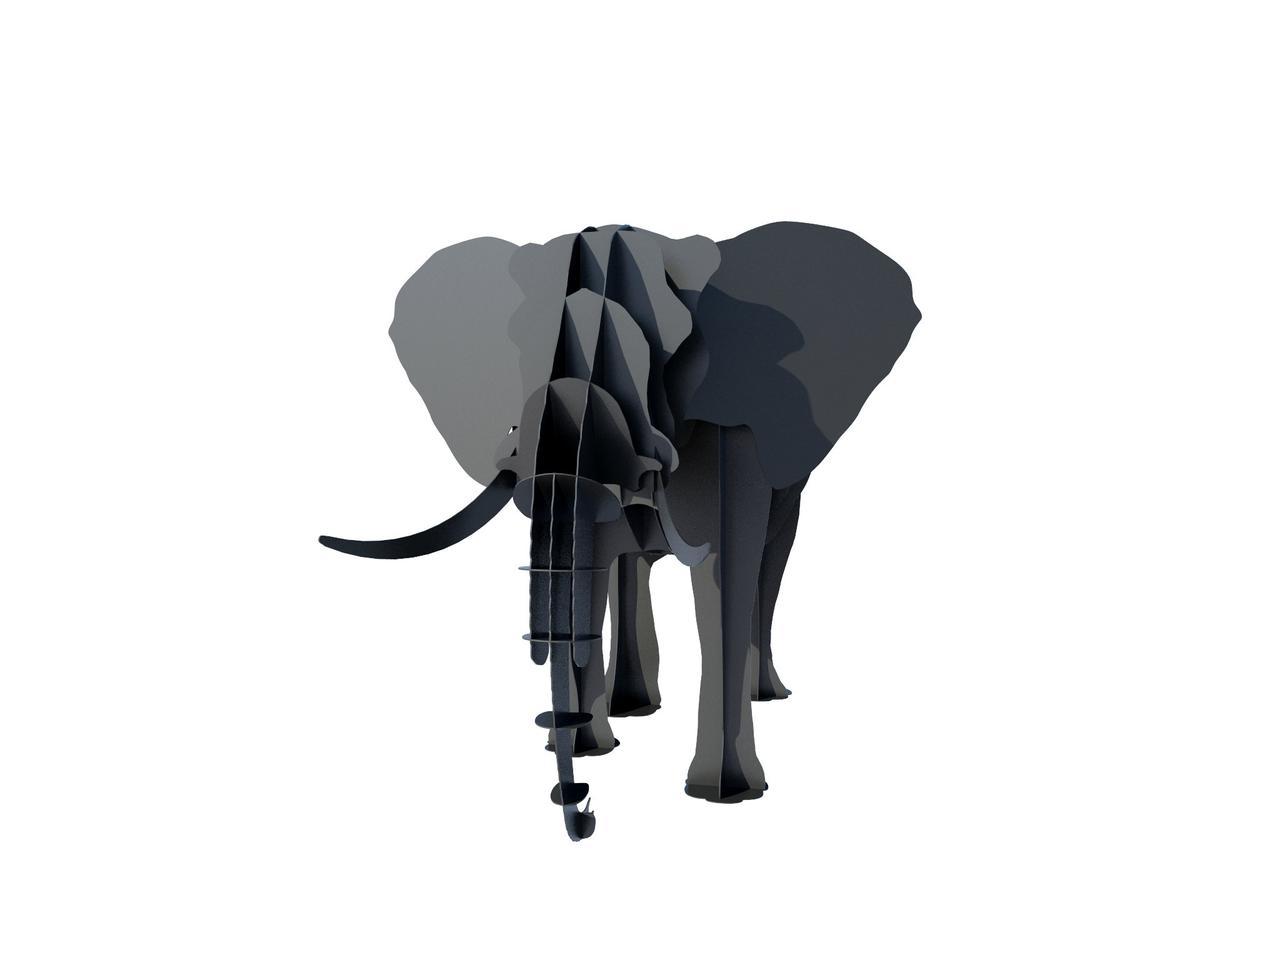 Мангал розбірний Слон 3D, мангал для будинку й саду декоративний